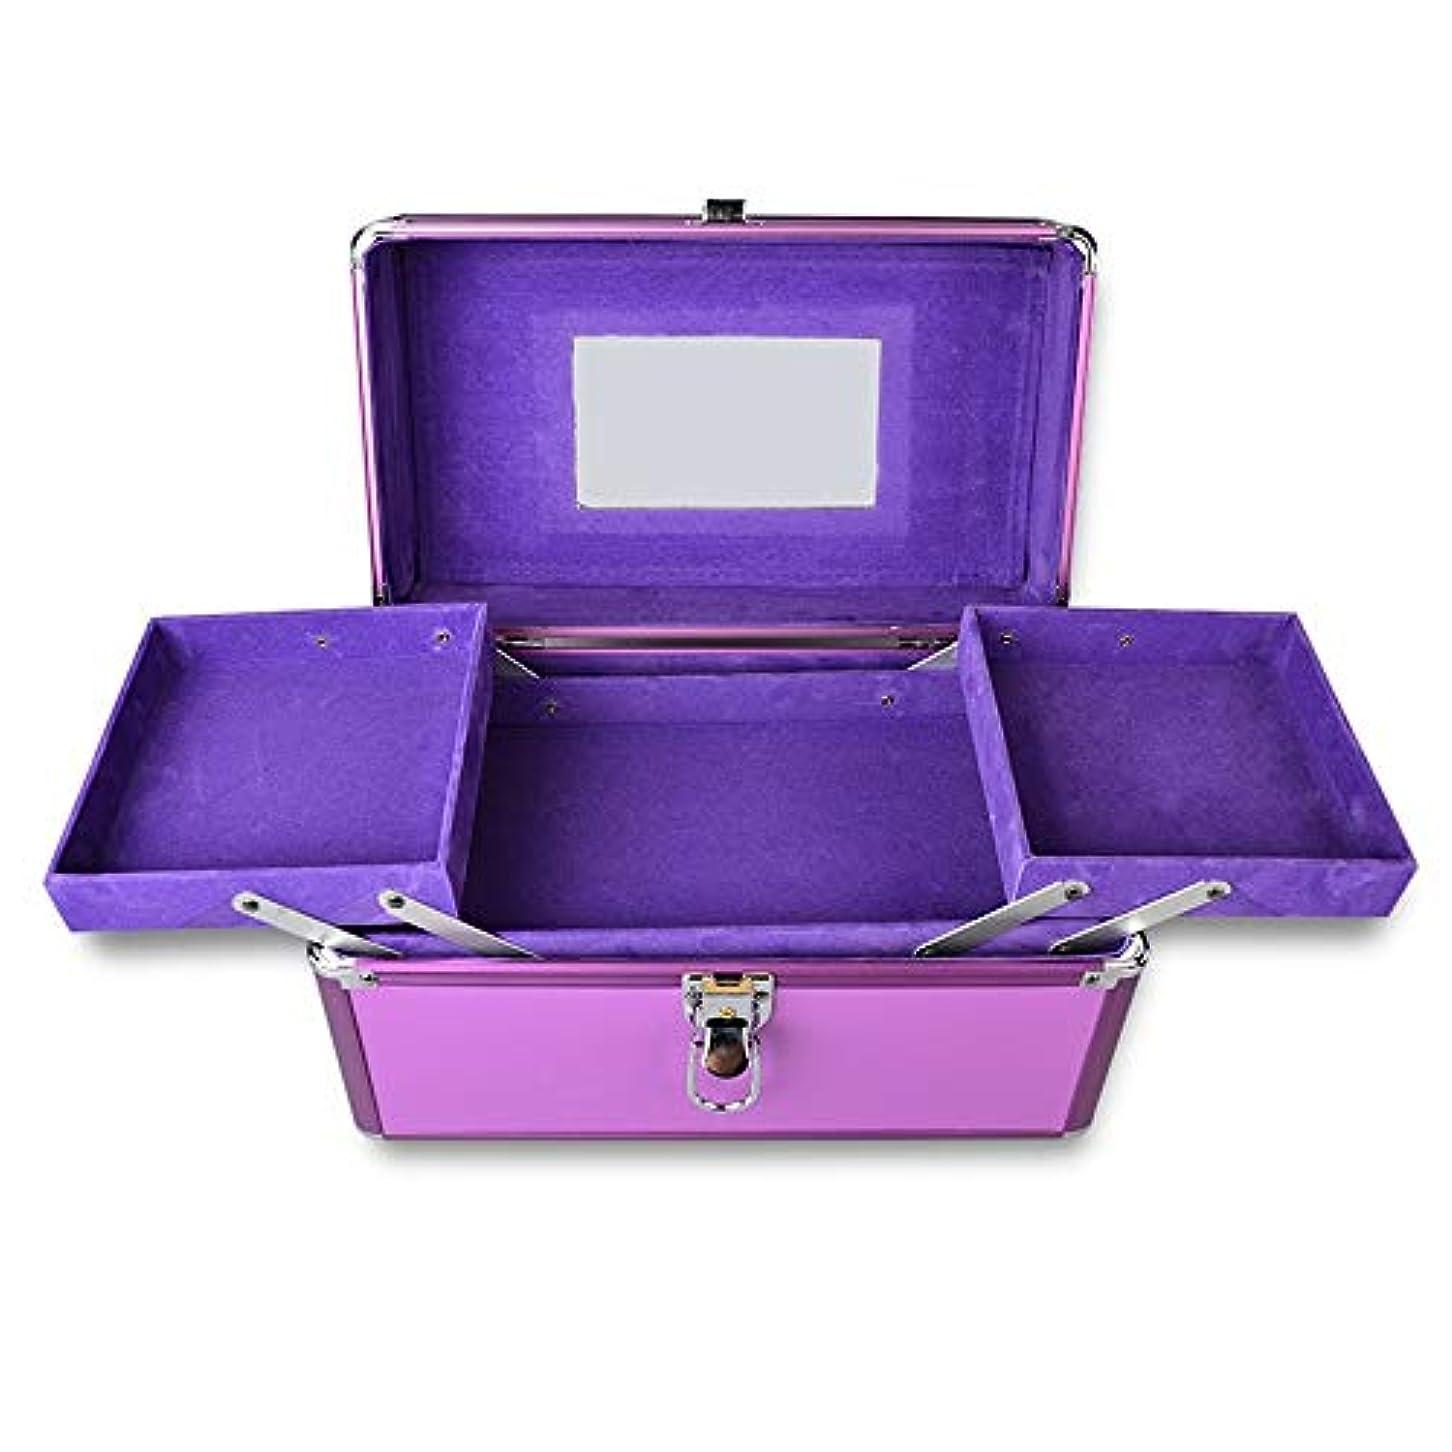 センター発生最初に特大スペース収納ビューティーボックス 美の構造のためそしてジッパーおよび折る皿が付いている女の子の女性旅行そして毎日の貯蔵のための高容量の携帯用化粧品袋 化粧品化粧台